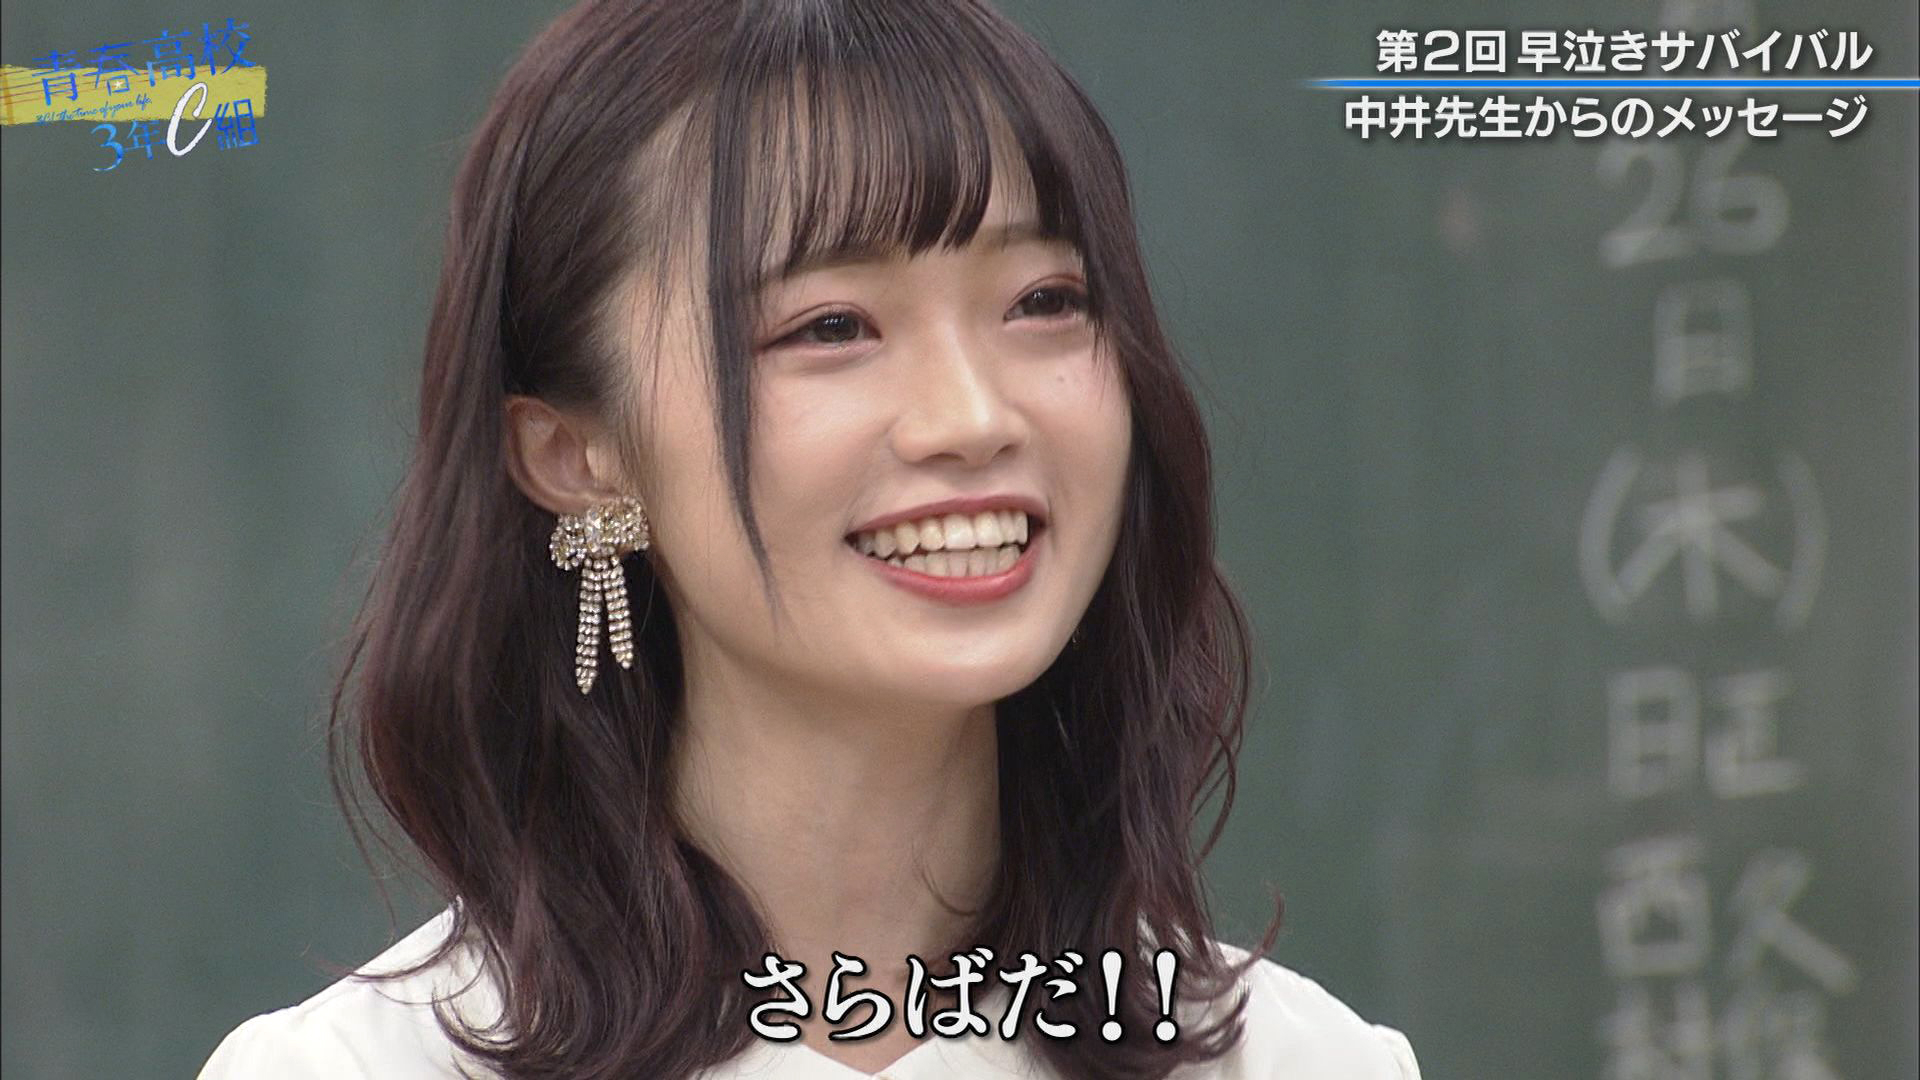 青春高校3年C組 2020年3月26日(木)★サプライズゲストに涙…… 相田先生とダンボの最終回ライブ!